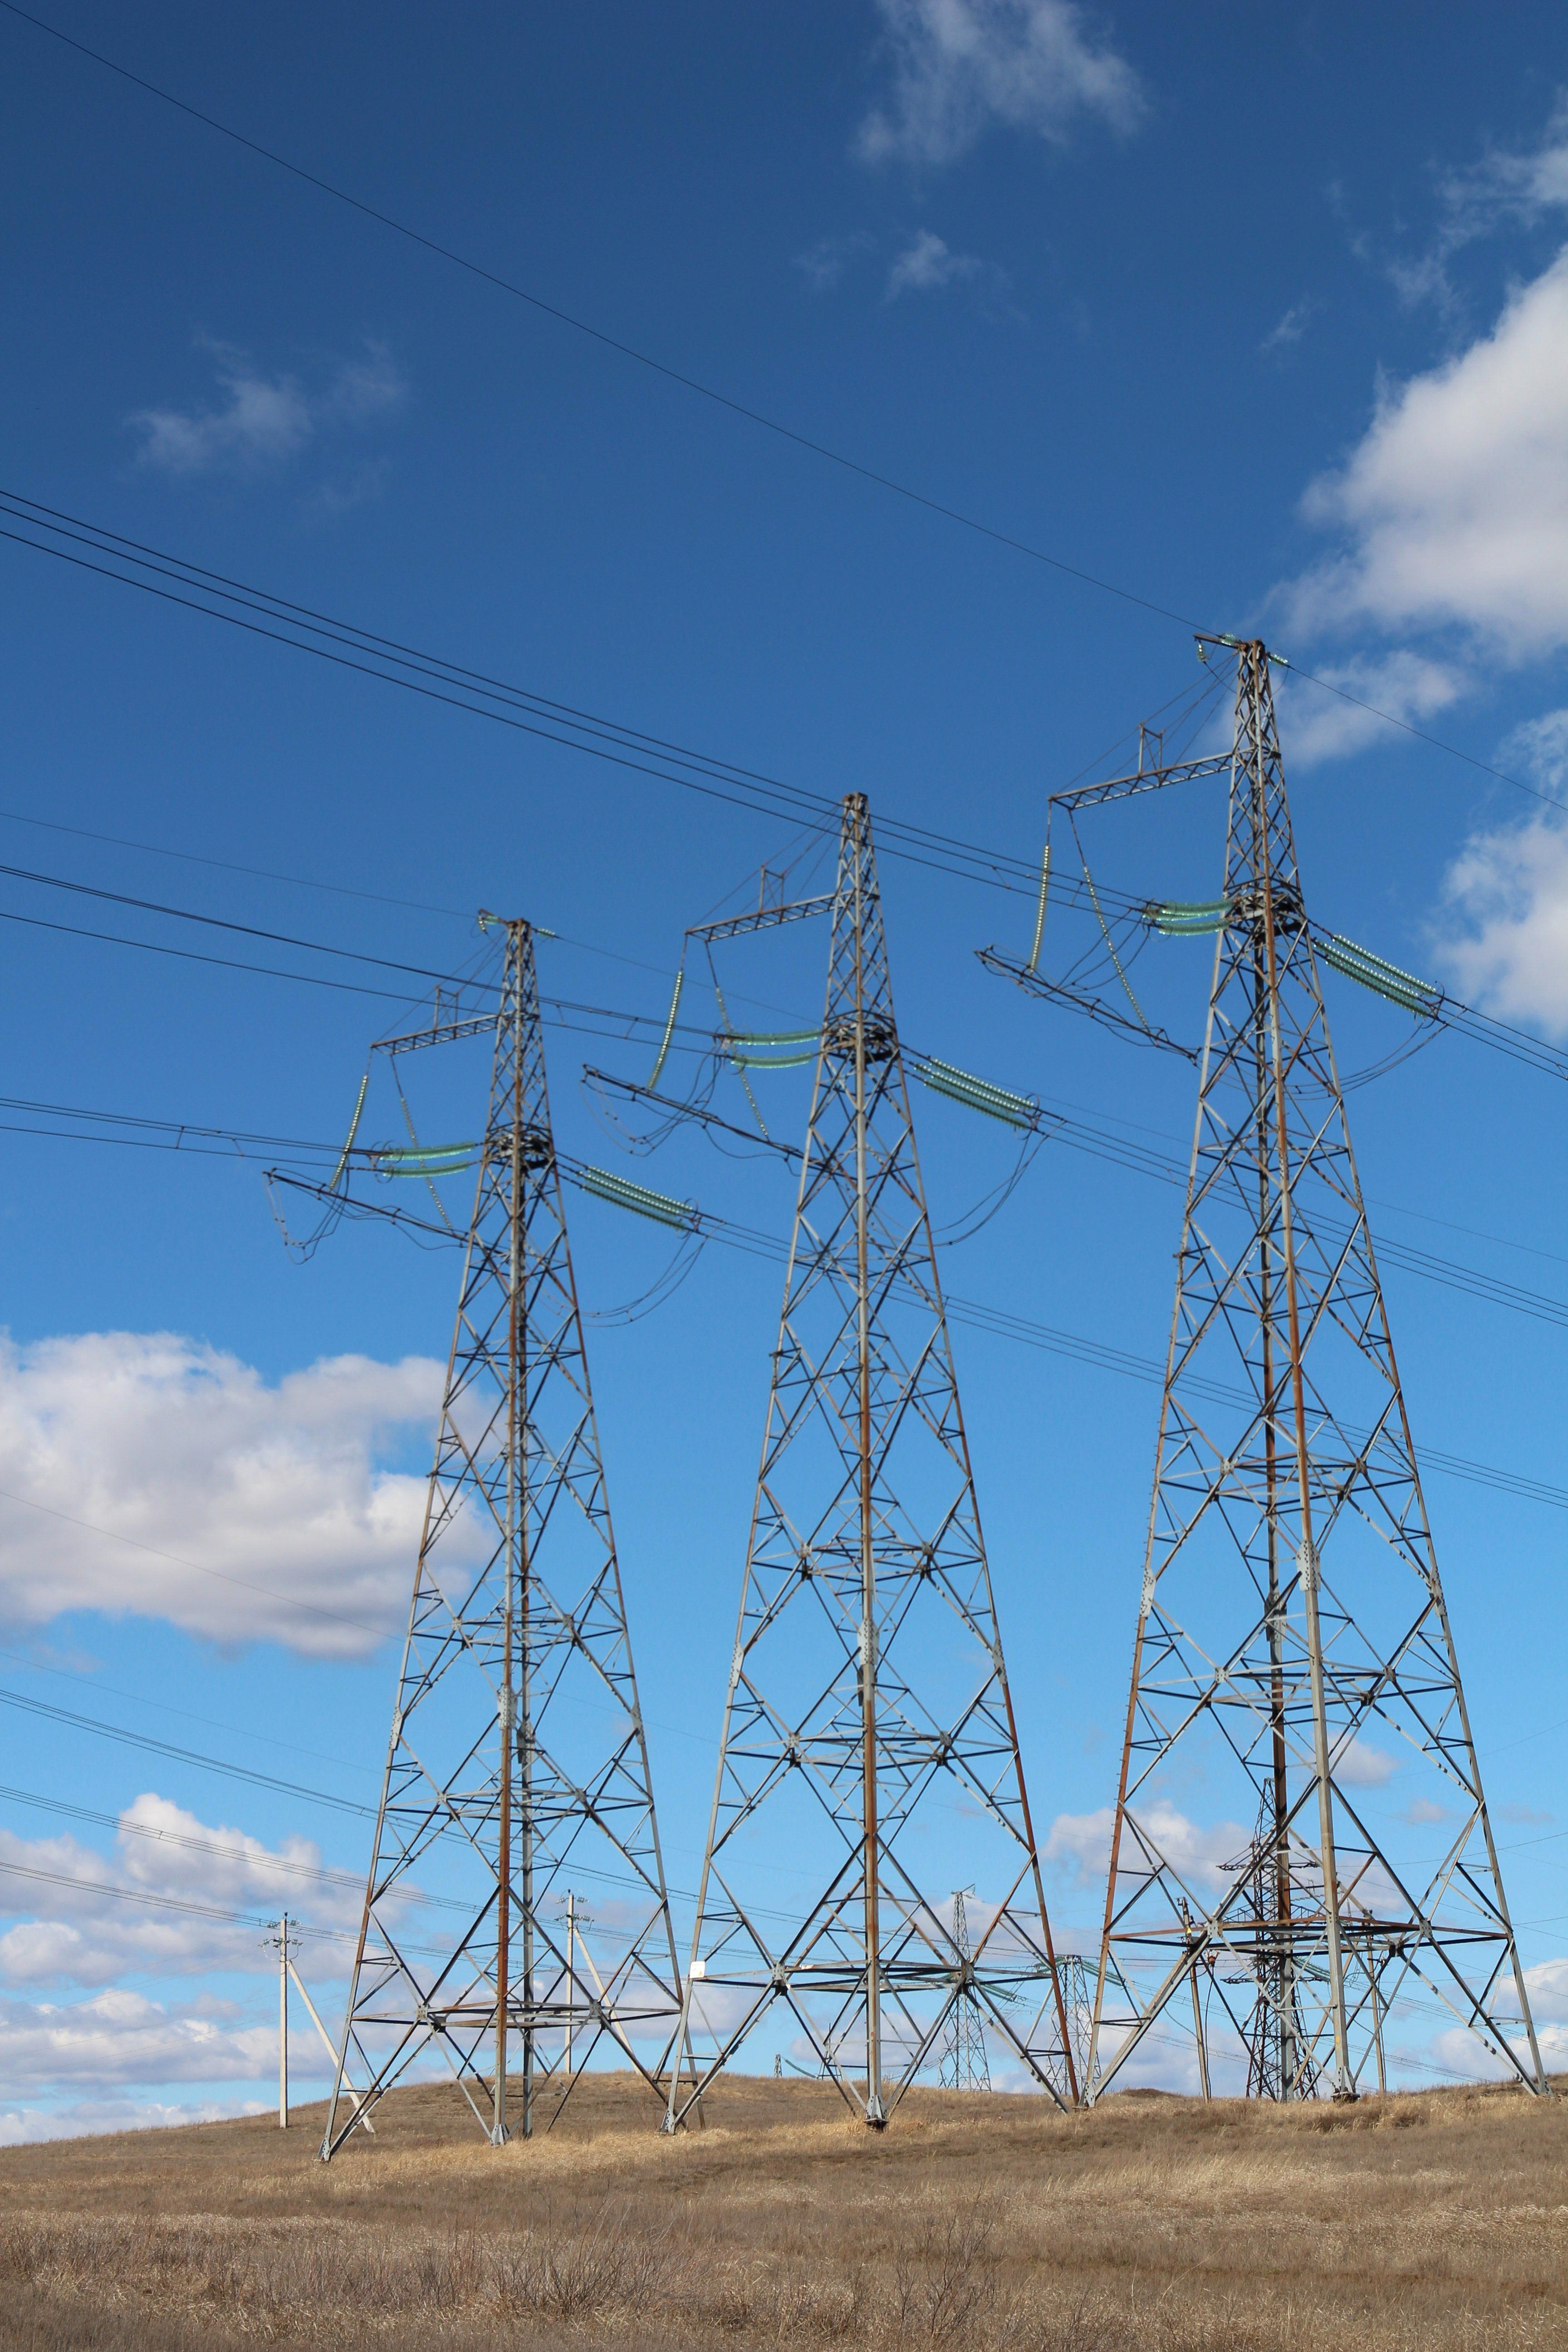 «Россети ФСК ЕЭС» приступила к пробным плавкам гололеда на линиях электропередачи Поволжского региона